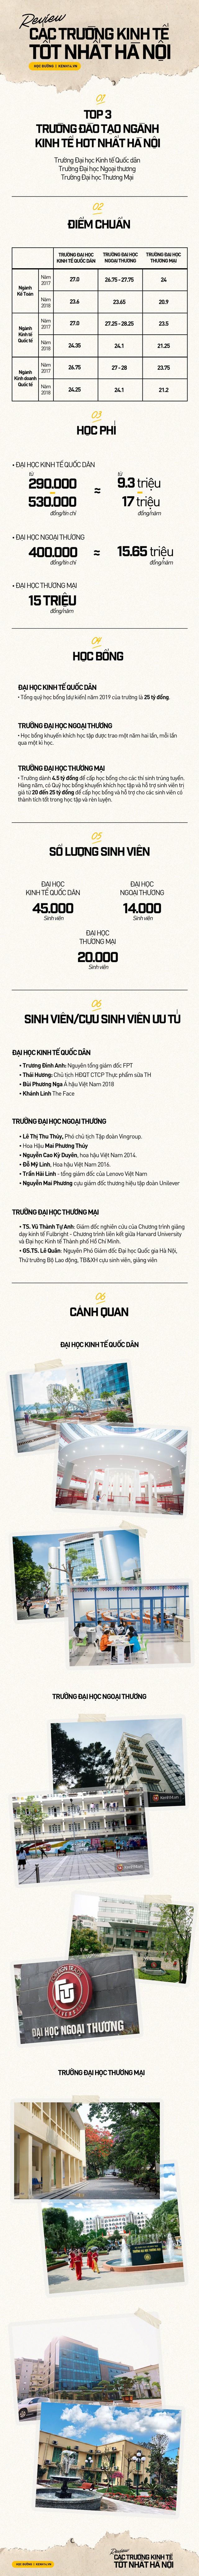 Top 3 trường đào tạo ngành Kinh tế hàng đầu Hà Nội: ĐH Kinh tế Quốc dân vượt mặt Ngoại thương? - Ảnh 1.